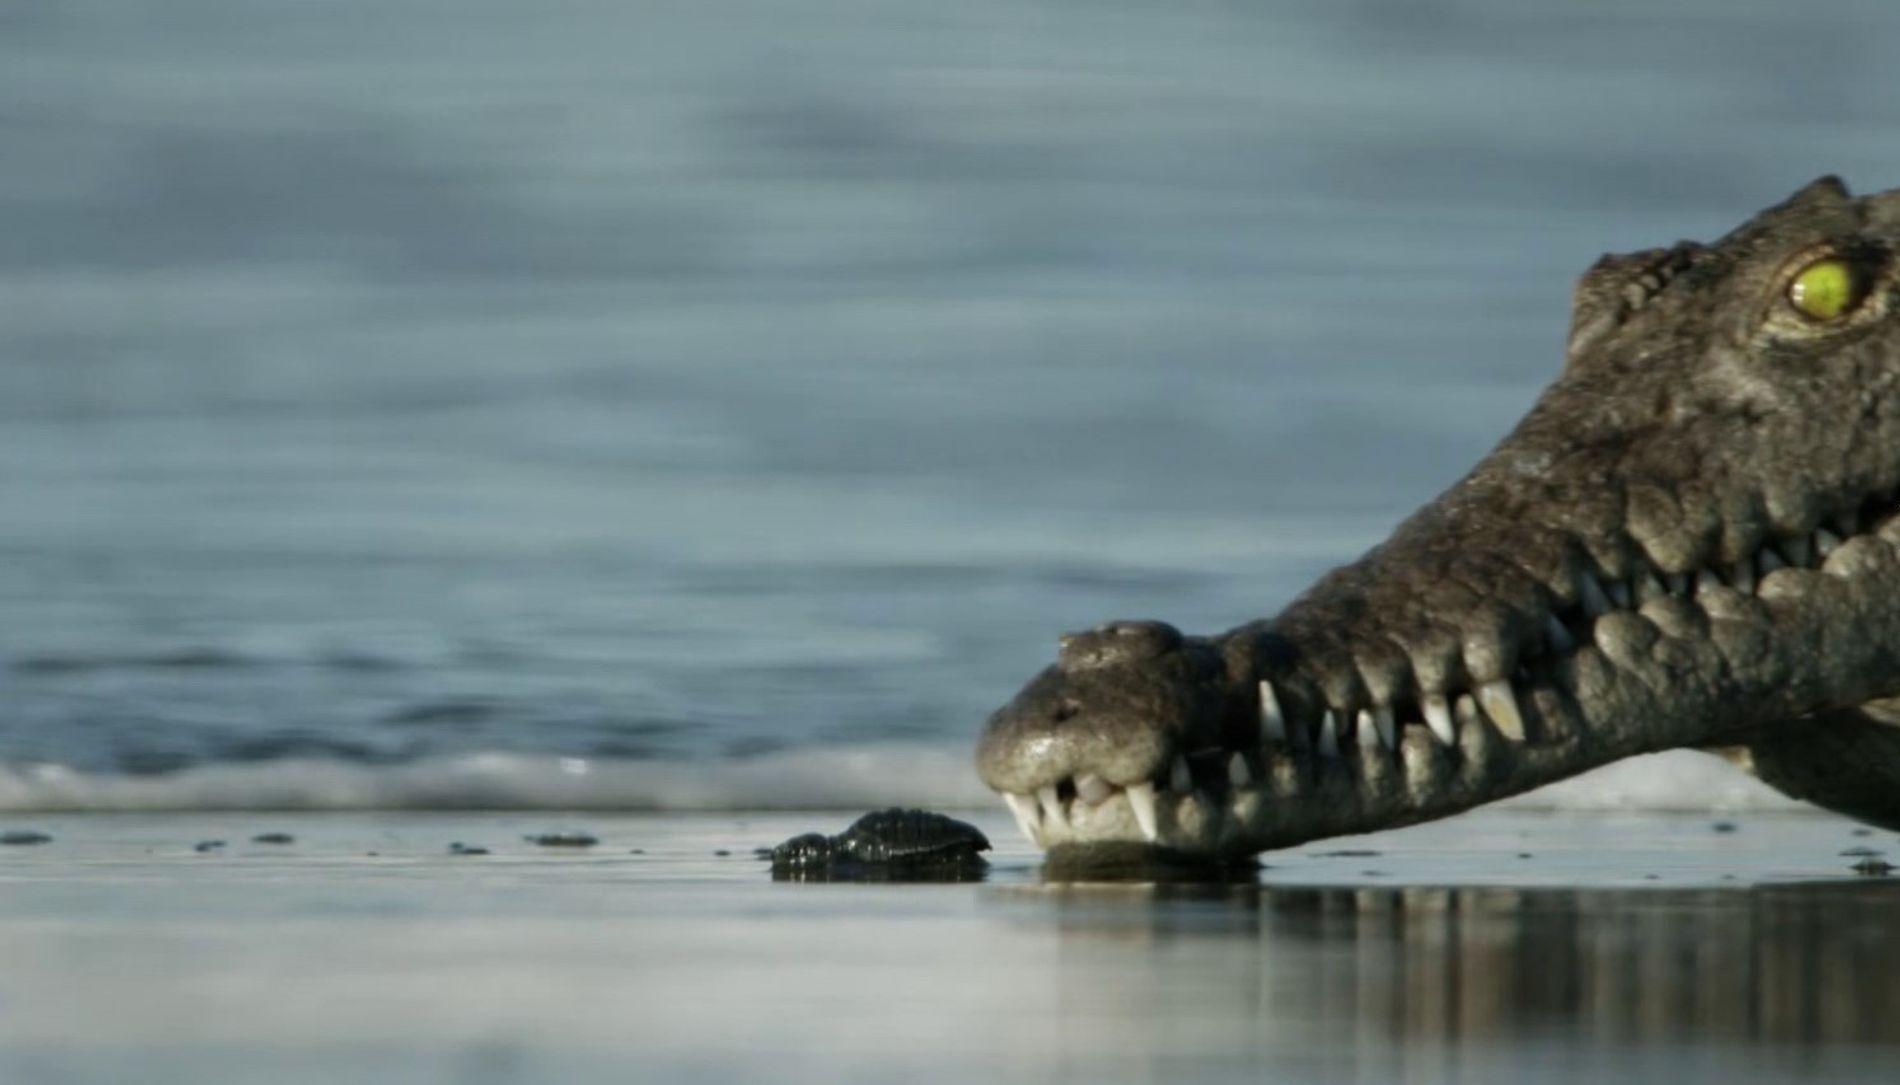 La survie des bébés tortues   Planète Hostile